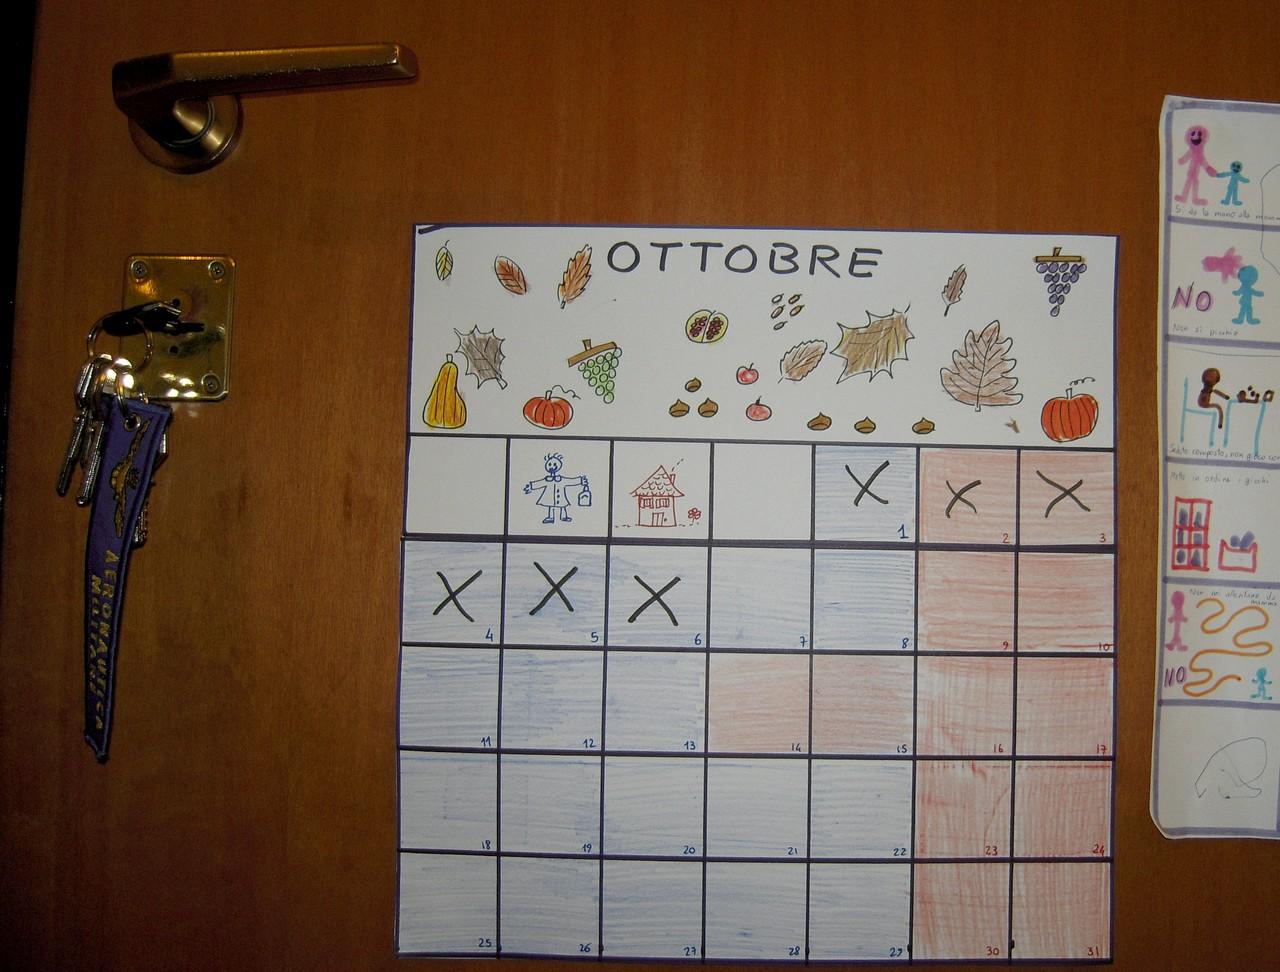 Calendario Bambini Scuola Infanzia.Mamma Claudia E Le Avventure Del Topastro Calendario Per